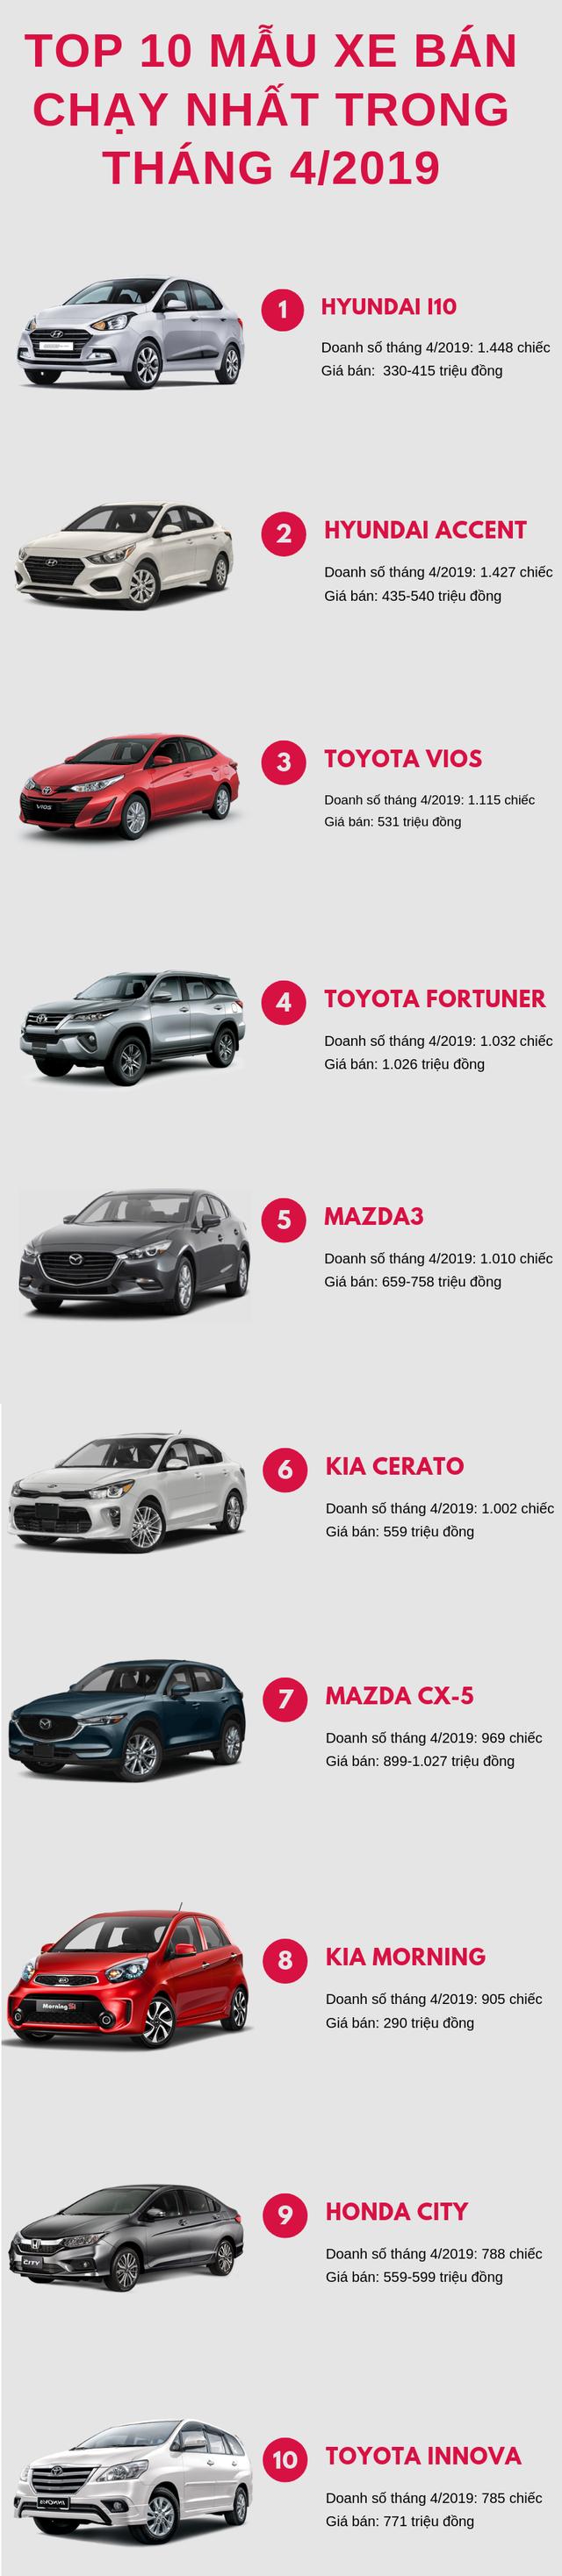 Top 10 ô tô bán chạy nhất tháng 4/2019:  Hyundai Grand i10 bất ngờ vượt mặt Toyota Vios - Ảnh 1.